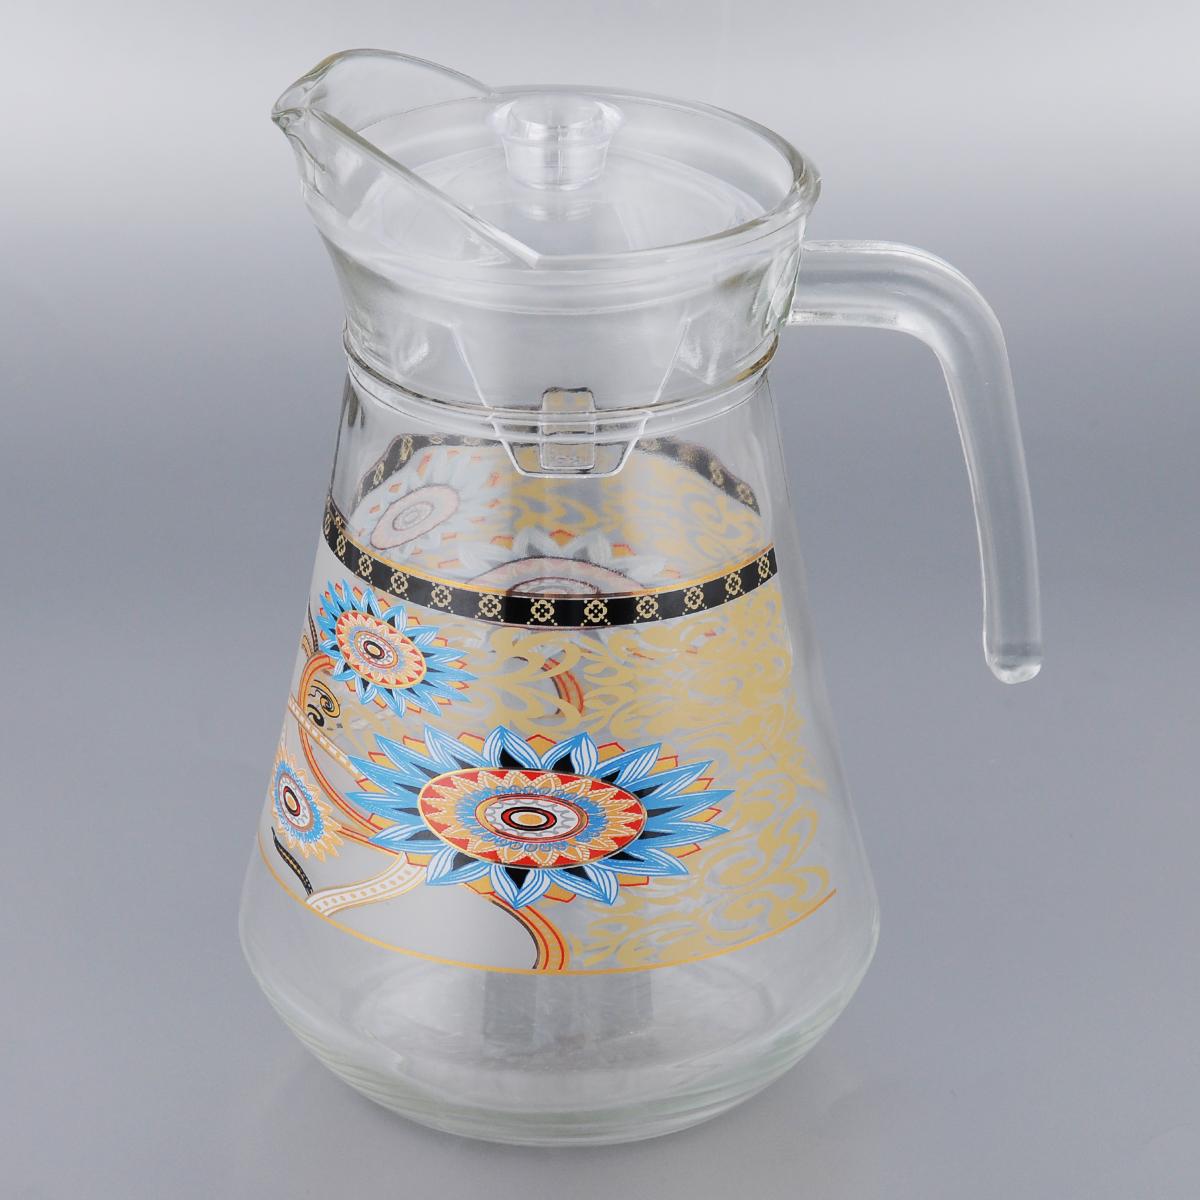 Кувшин Loraine, с крышкой 1,3 л24088Кувшин Loraine изготовлен из прозрачного стекла. Изделие оснащено пластиковой крышкой. Такой кувшин прекрасно подойдет для подачи горячего или холодного сока, воды, компота, лимонада, молока и многих других напитков. Кувшин с напитками можно хранить в холодильной камере. Благодаря яркому, но в то же время лаконичному дизайну кувшин станет украшением вашего стола. Не рекомендуется мыть в посудомоечной машине.Высота кувшина (без учета крышки): 22 см.Размер (по верхнему краю): 11 х 10 см.